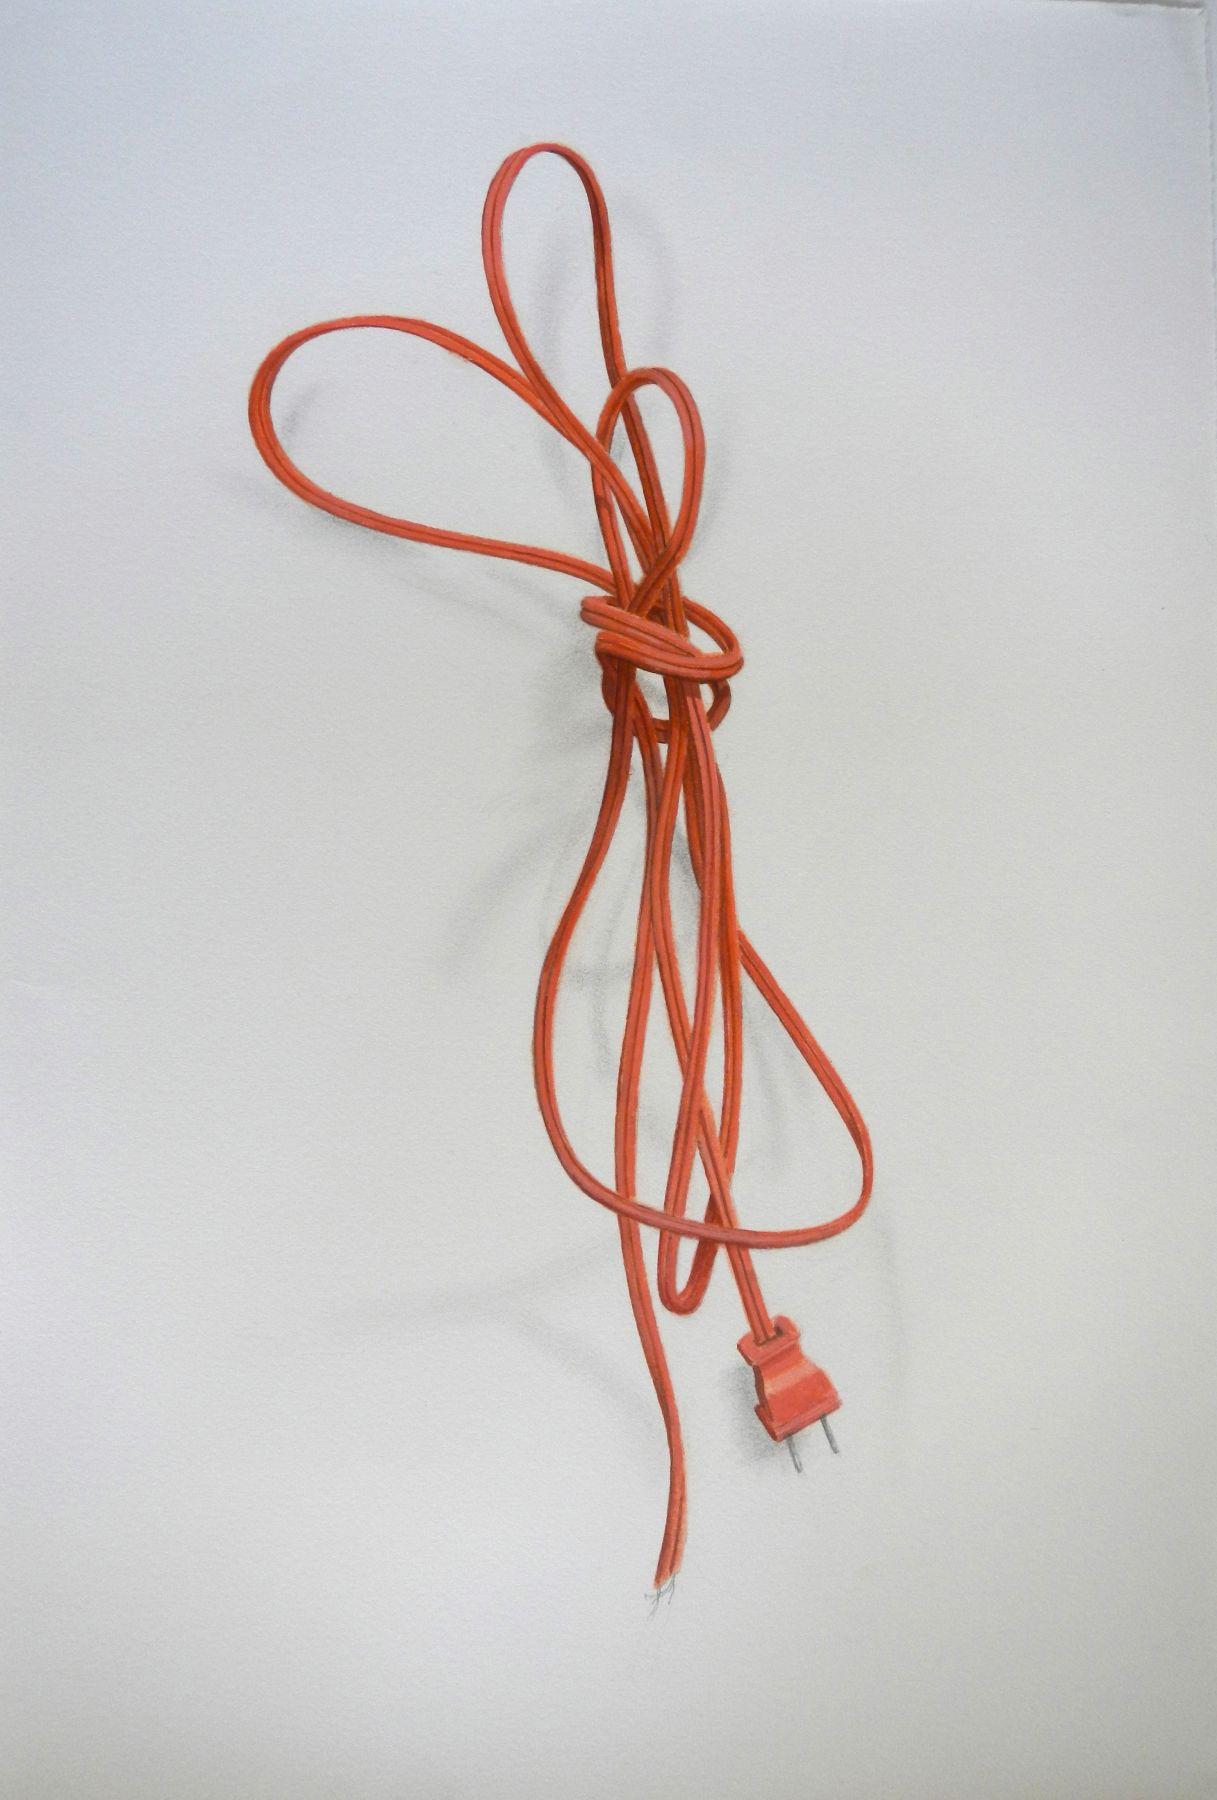 Santiago-Cárdenas-cable-naranja